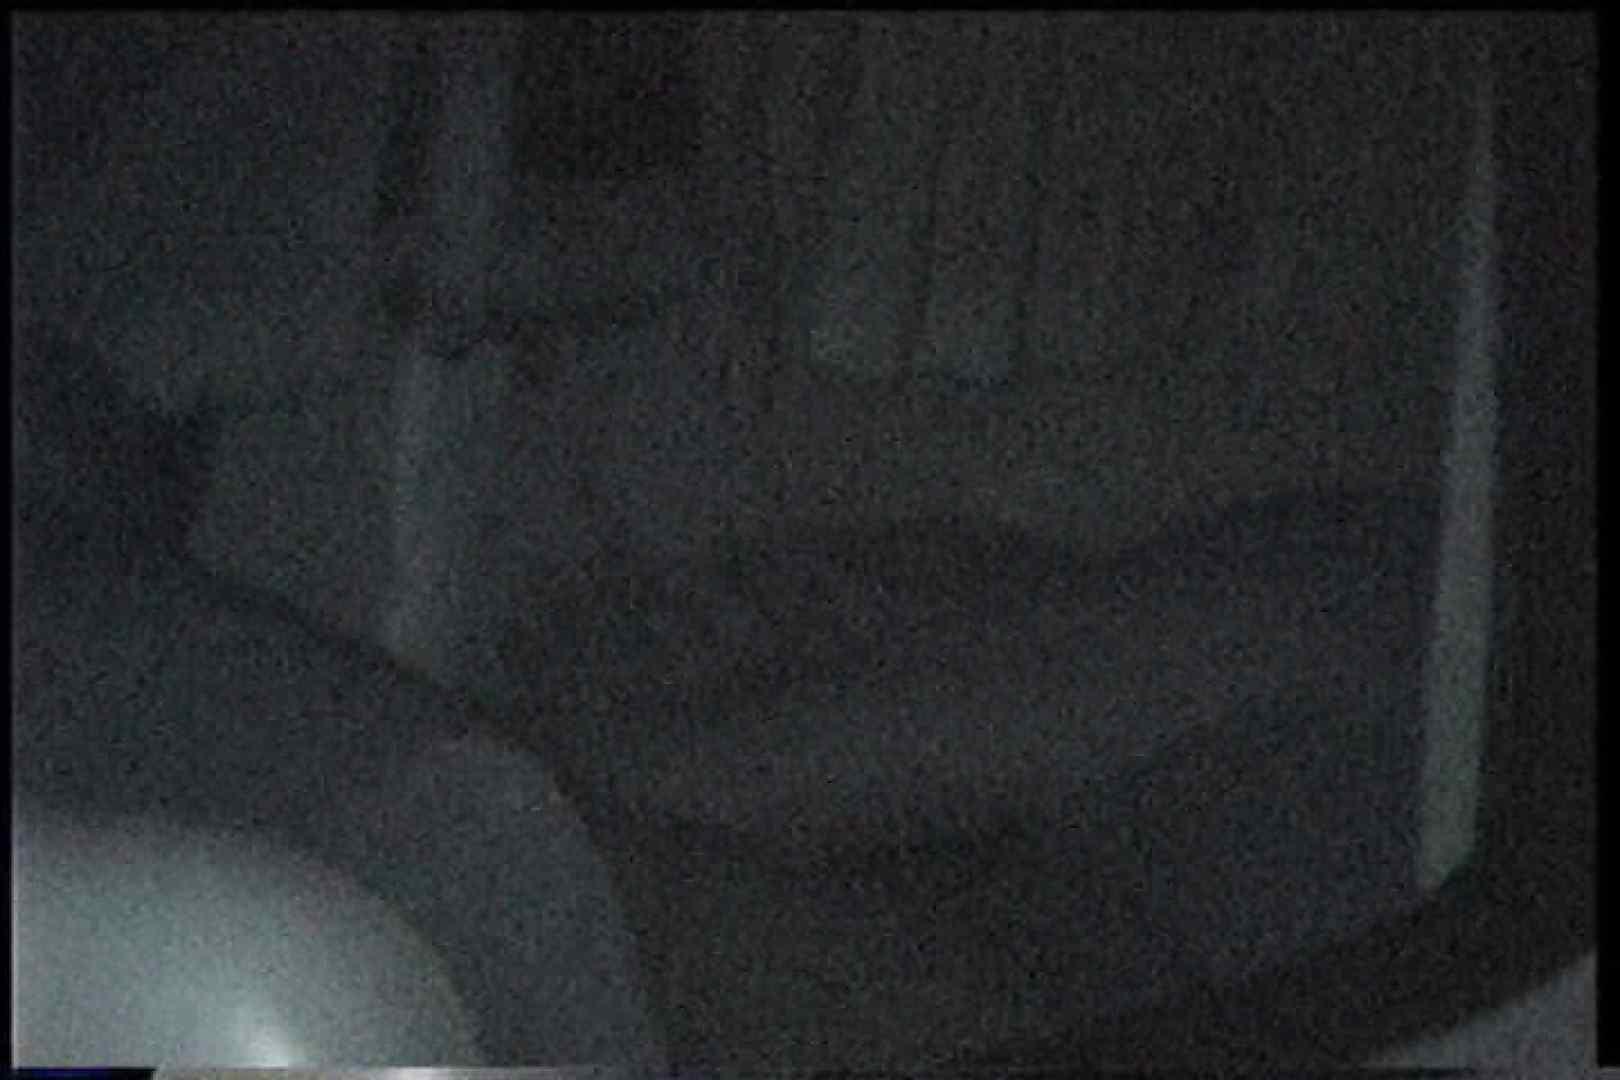 充血監督の深夜の運動会Vol.177 前編 OLセックス 盗み撮りオマンコ動画キャプチャ 79画像 66